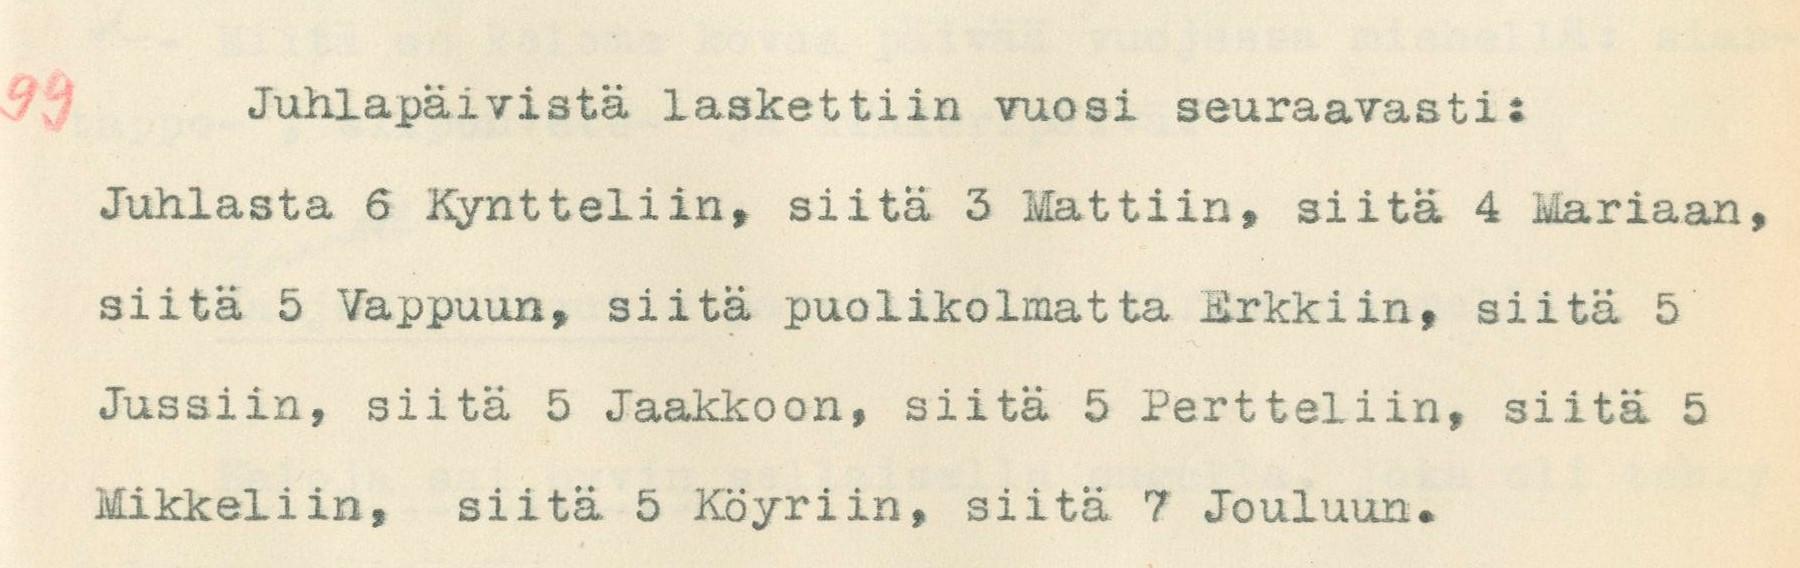 Juhlapäivistä laskettiin vuosi. Vimpeli. Eteläpohj. Osakunta VK 11:99. 1932.